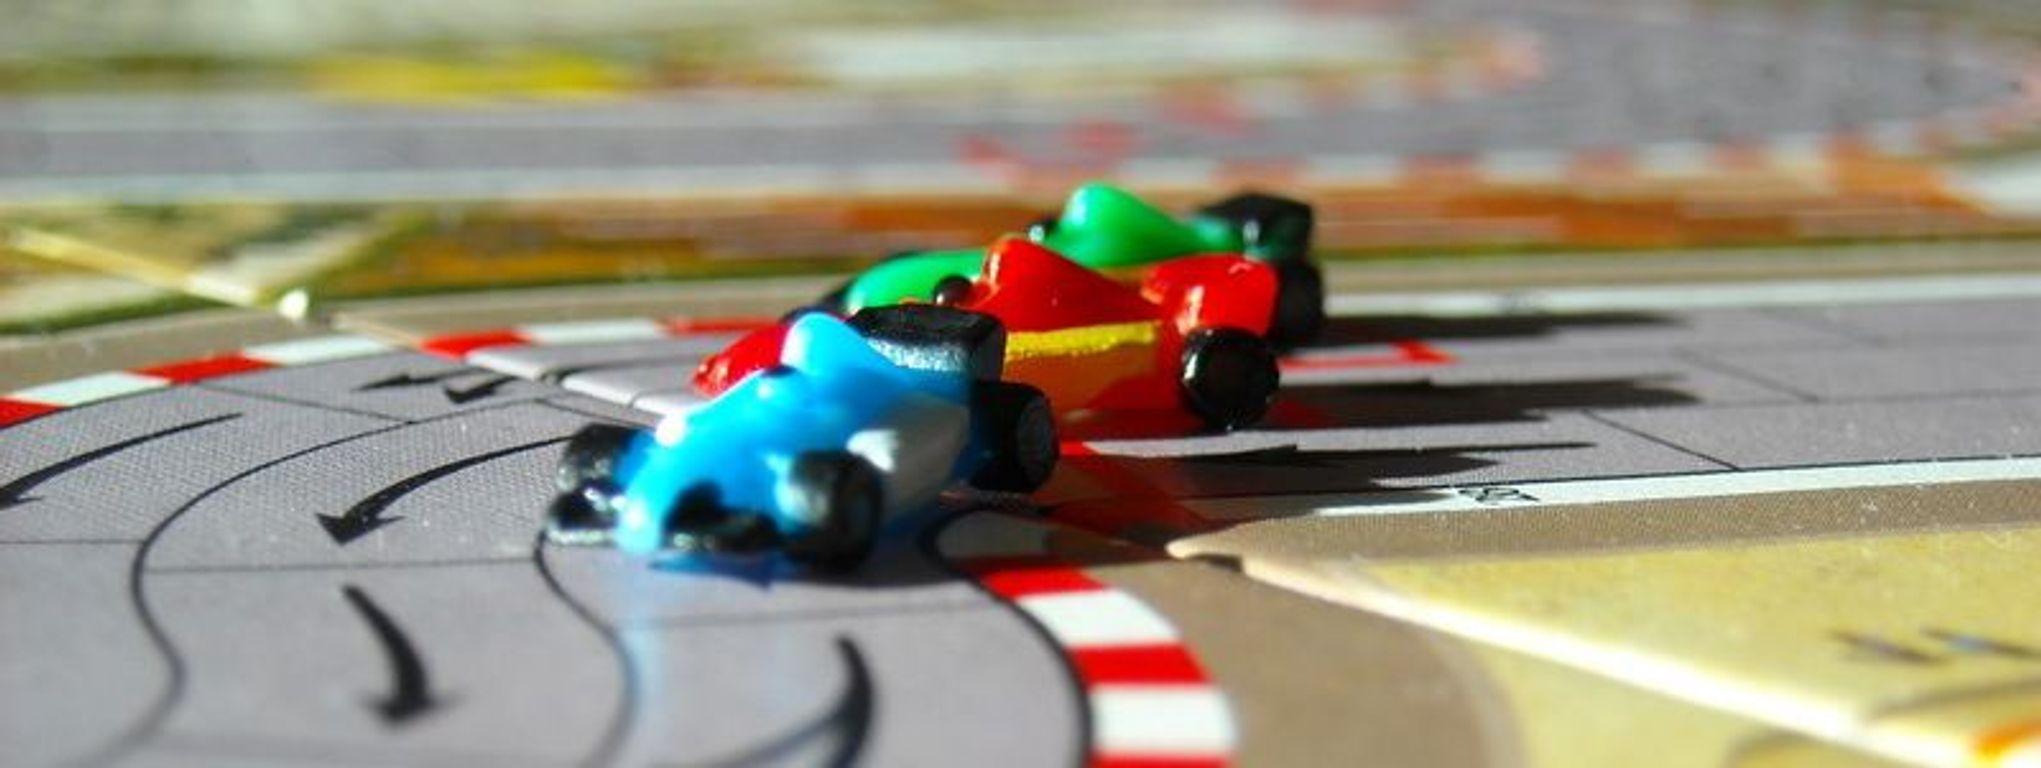 Formula D gameplay